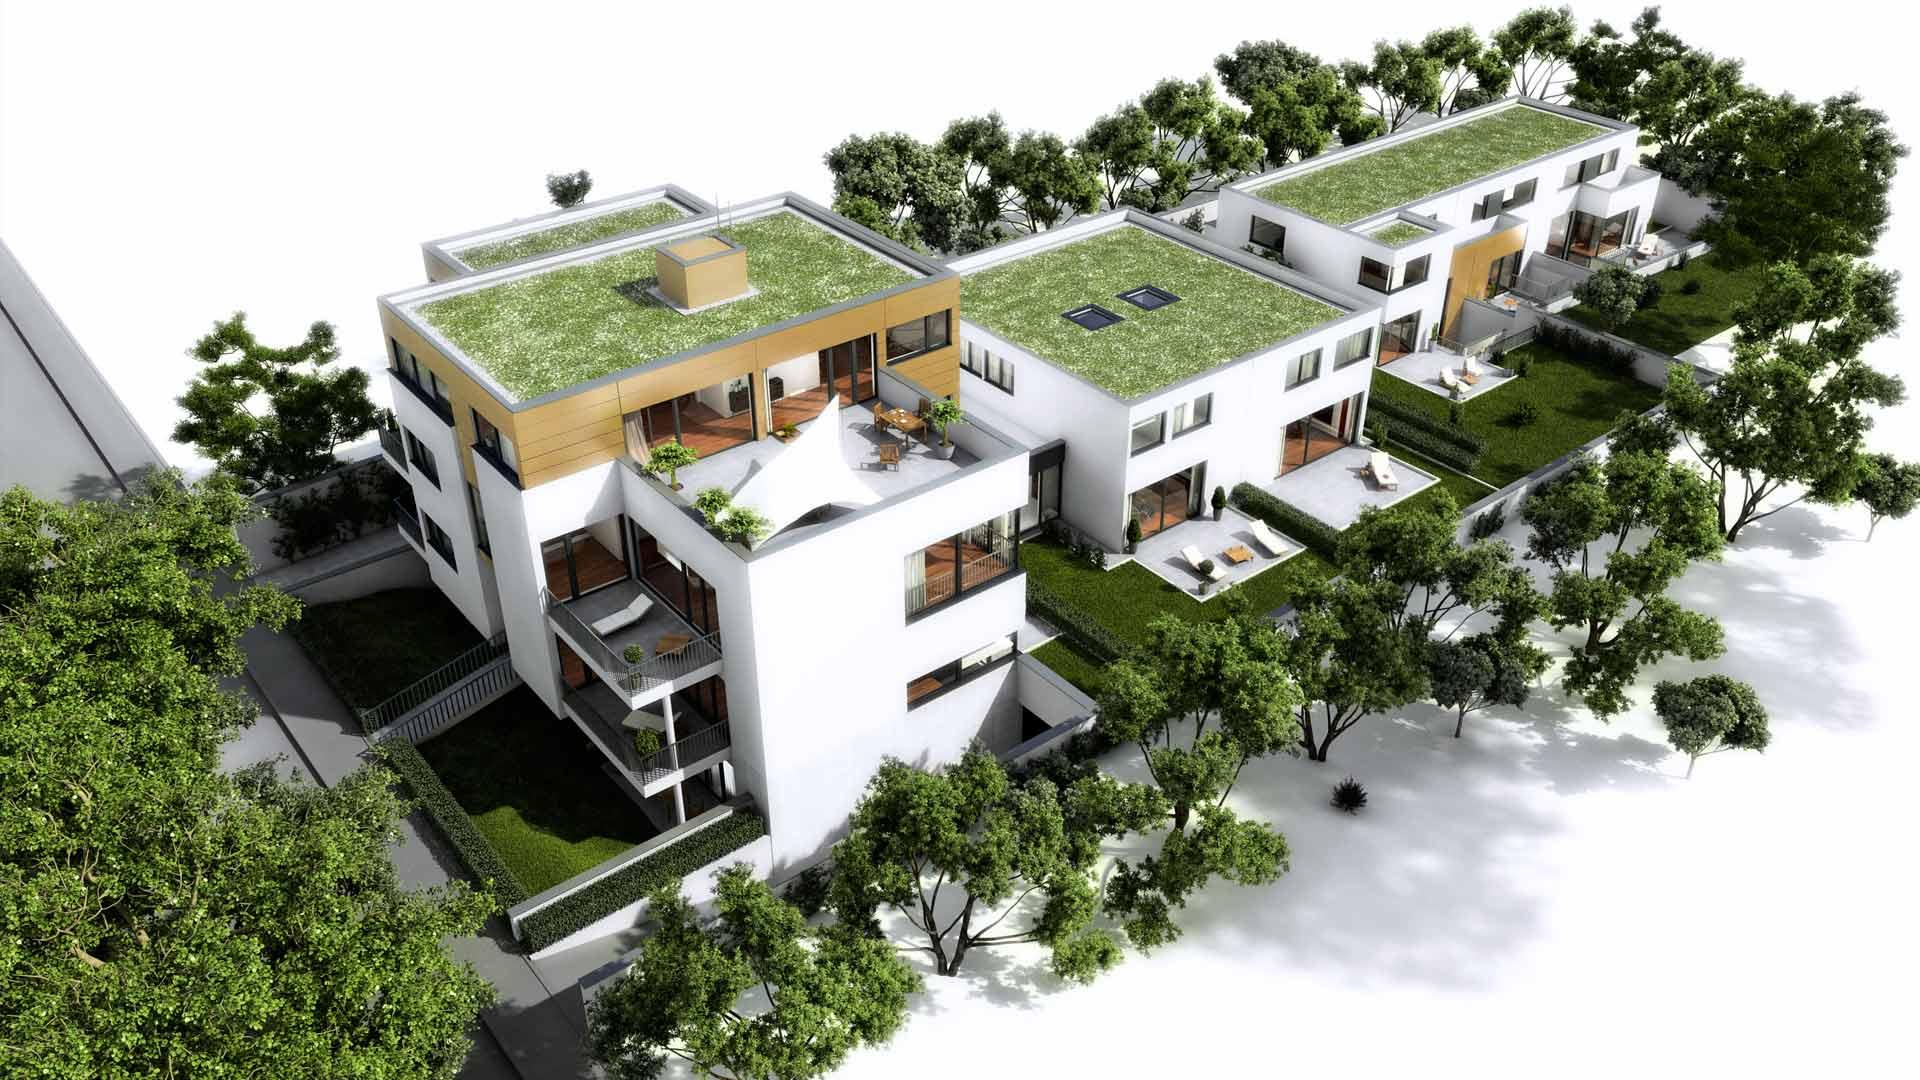 3D Visualisierung Architekturvisualisierung Vogelperspektive Luxusimmobilie Koeln Holunderweg